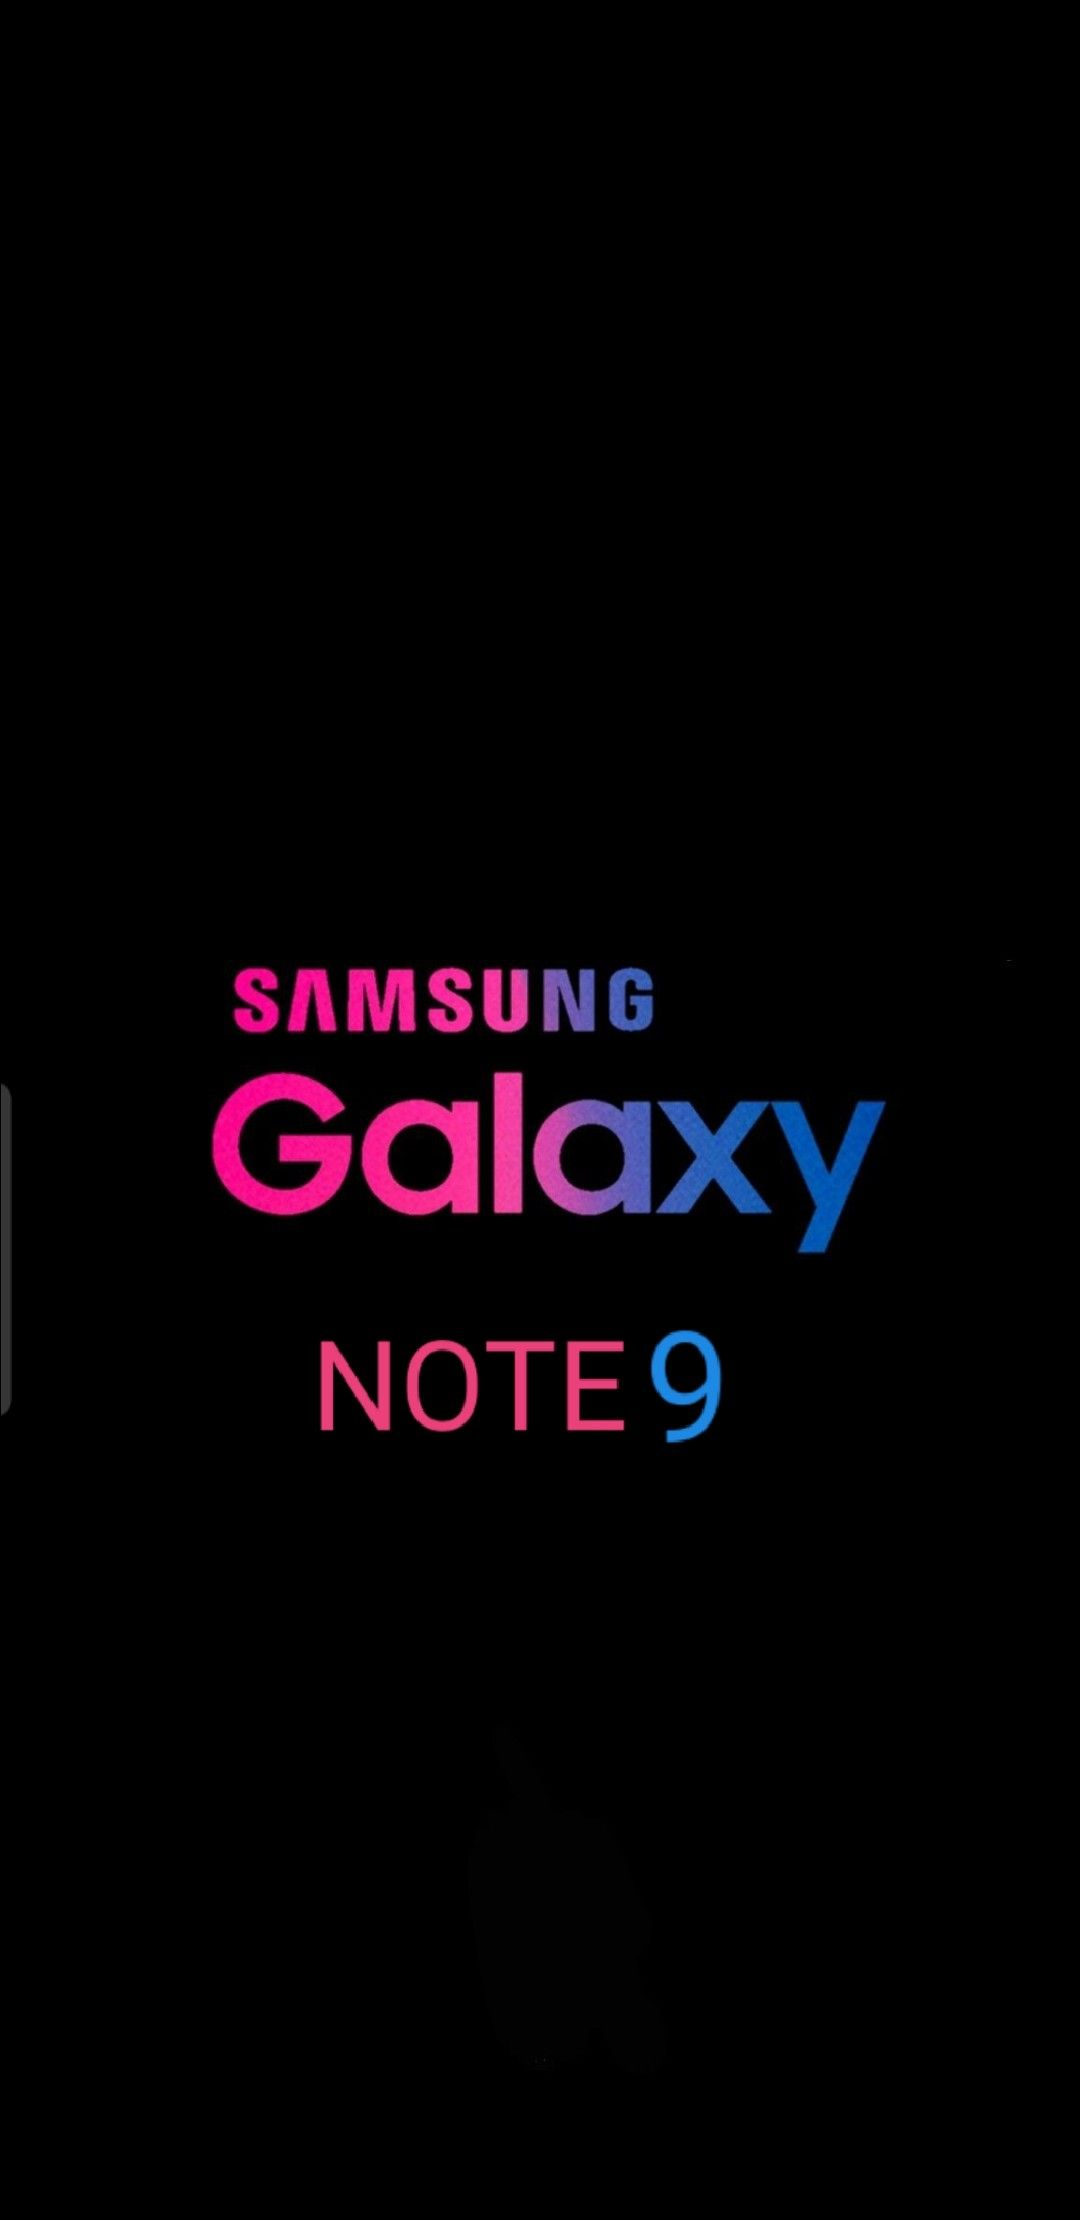 Note 9 Wallpaper Created By Vernon Dark Samsung S8 Wallpaper Samsung Galaxy Wallpaper Samsung Wallpaper